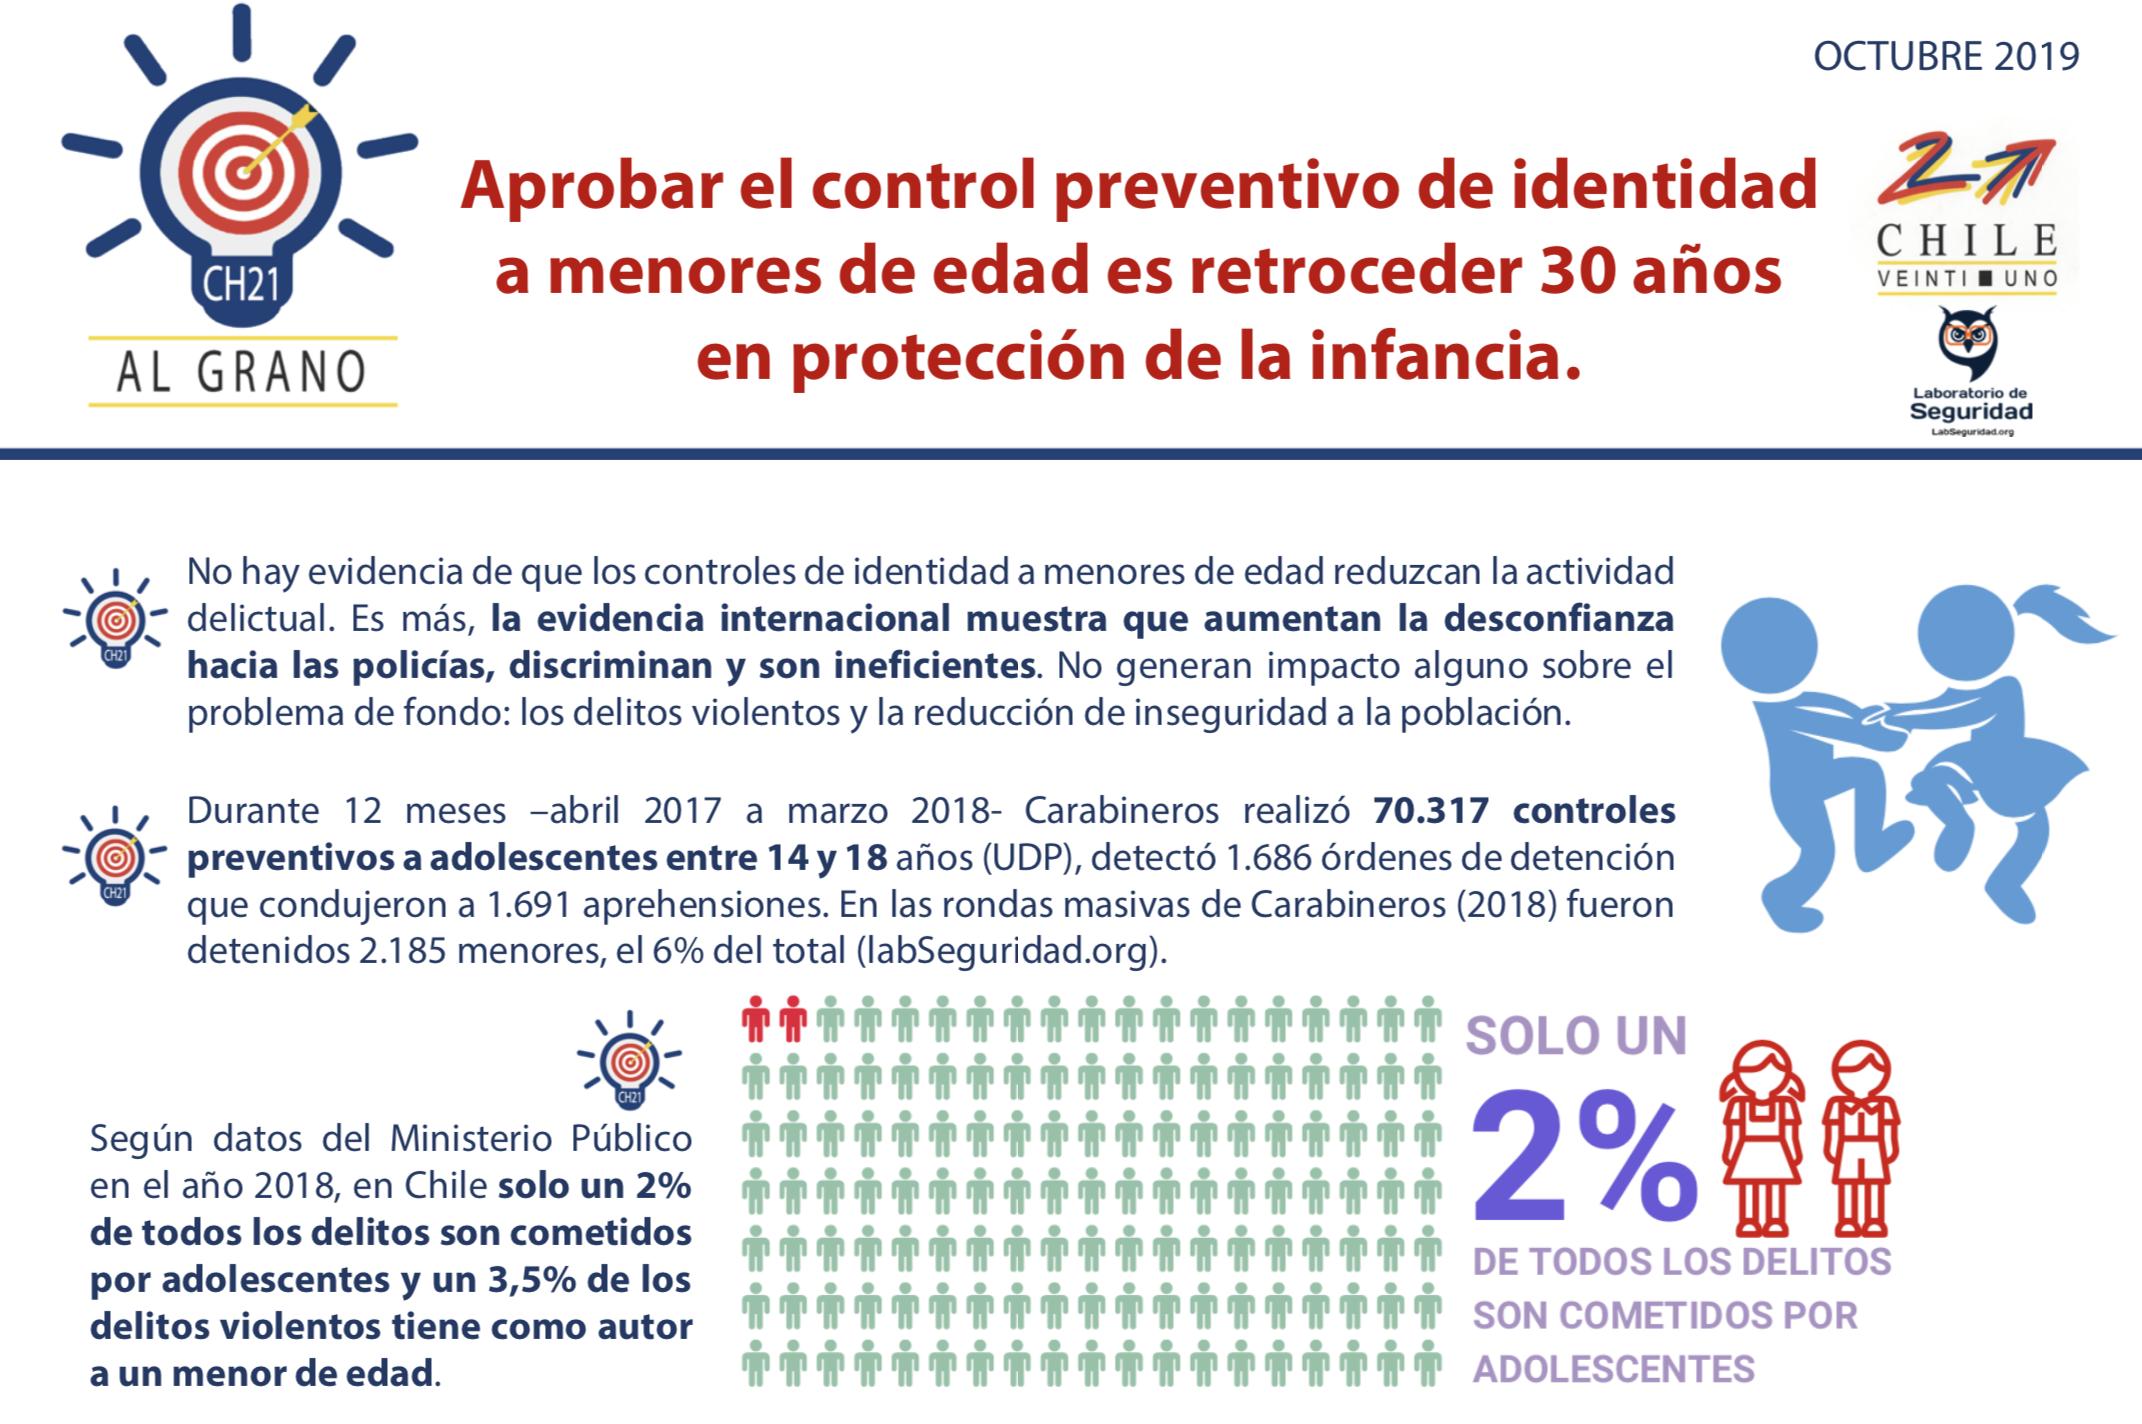 CONTROL DE IDENTIDAD A MENORES DE EDAD: Aprobarlo es retroceder 30 años en protección de la infancia